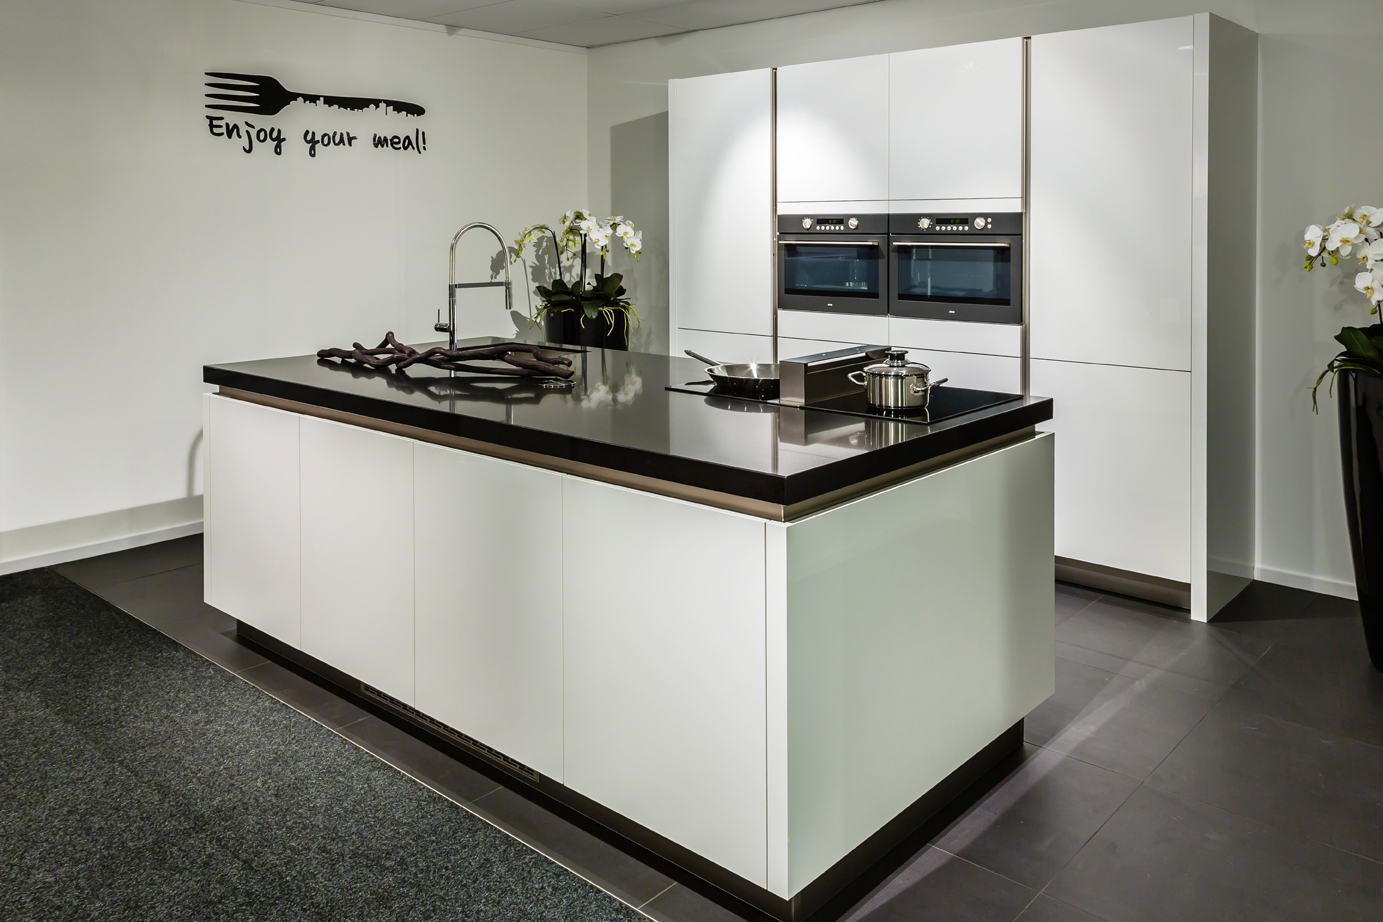 Afmetingen Schiereiland Keuken : Moderne Keuken Met Schiereiland : Greeploze keukens Crystal, kleur